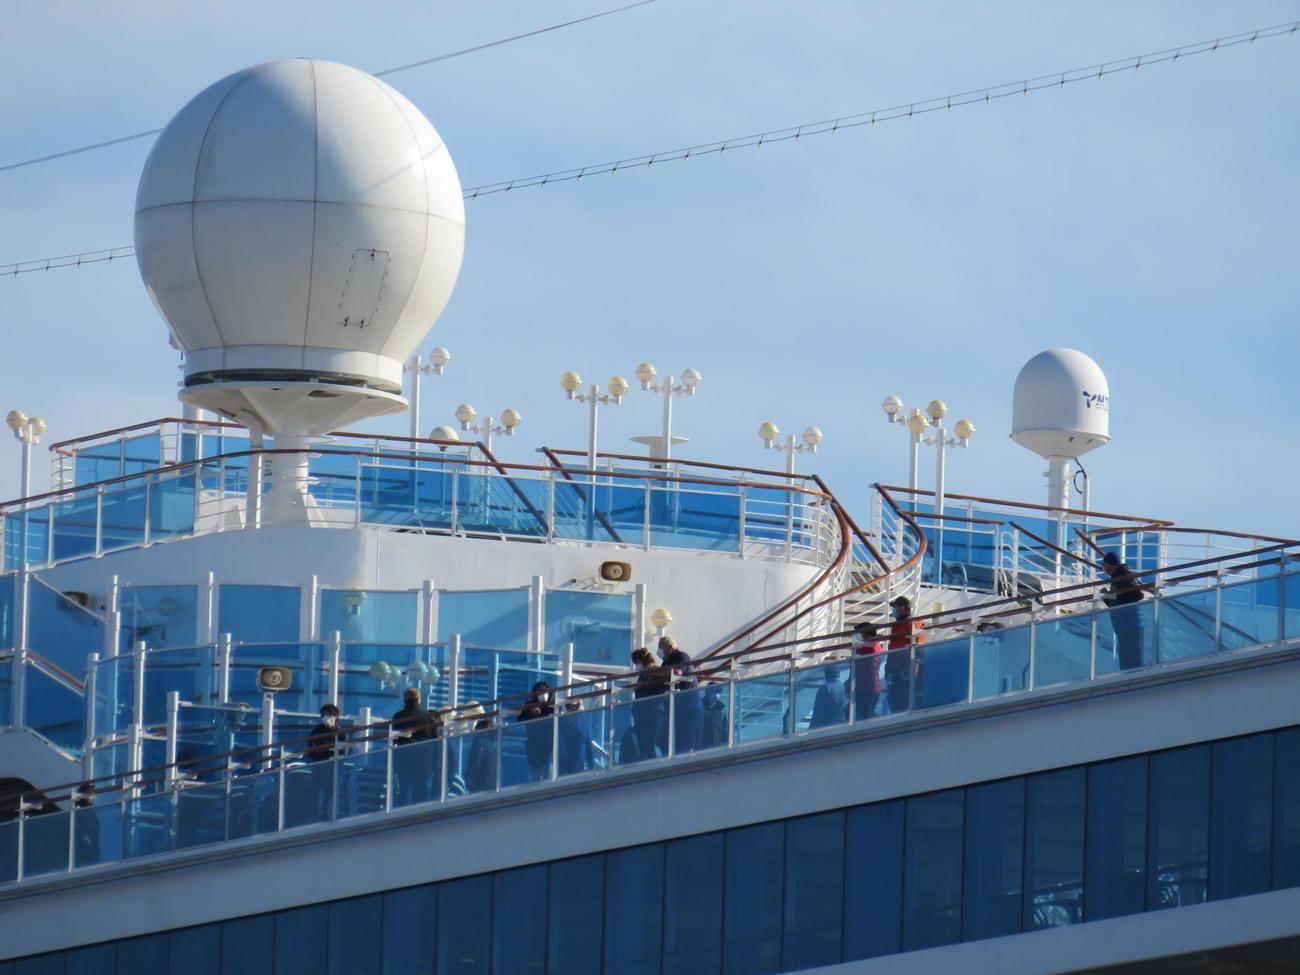 ダイヤモンド・プリンセスの船上から景色を眺める乗客たち(撮影・村上幸将)